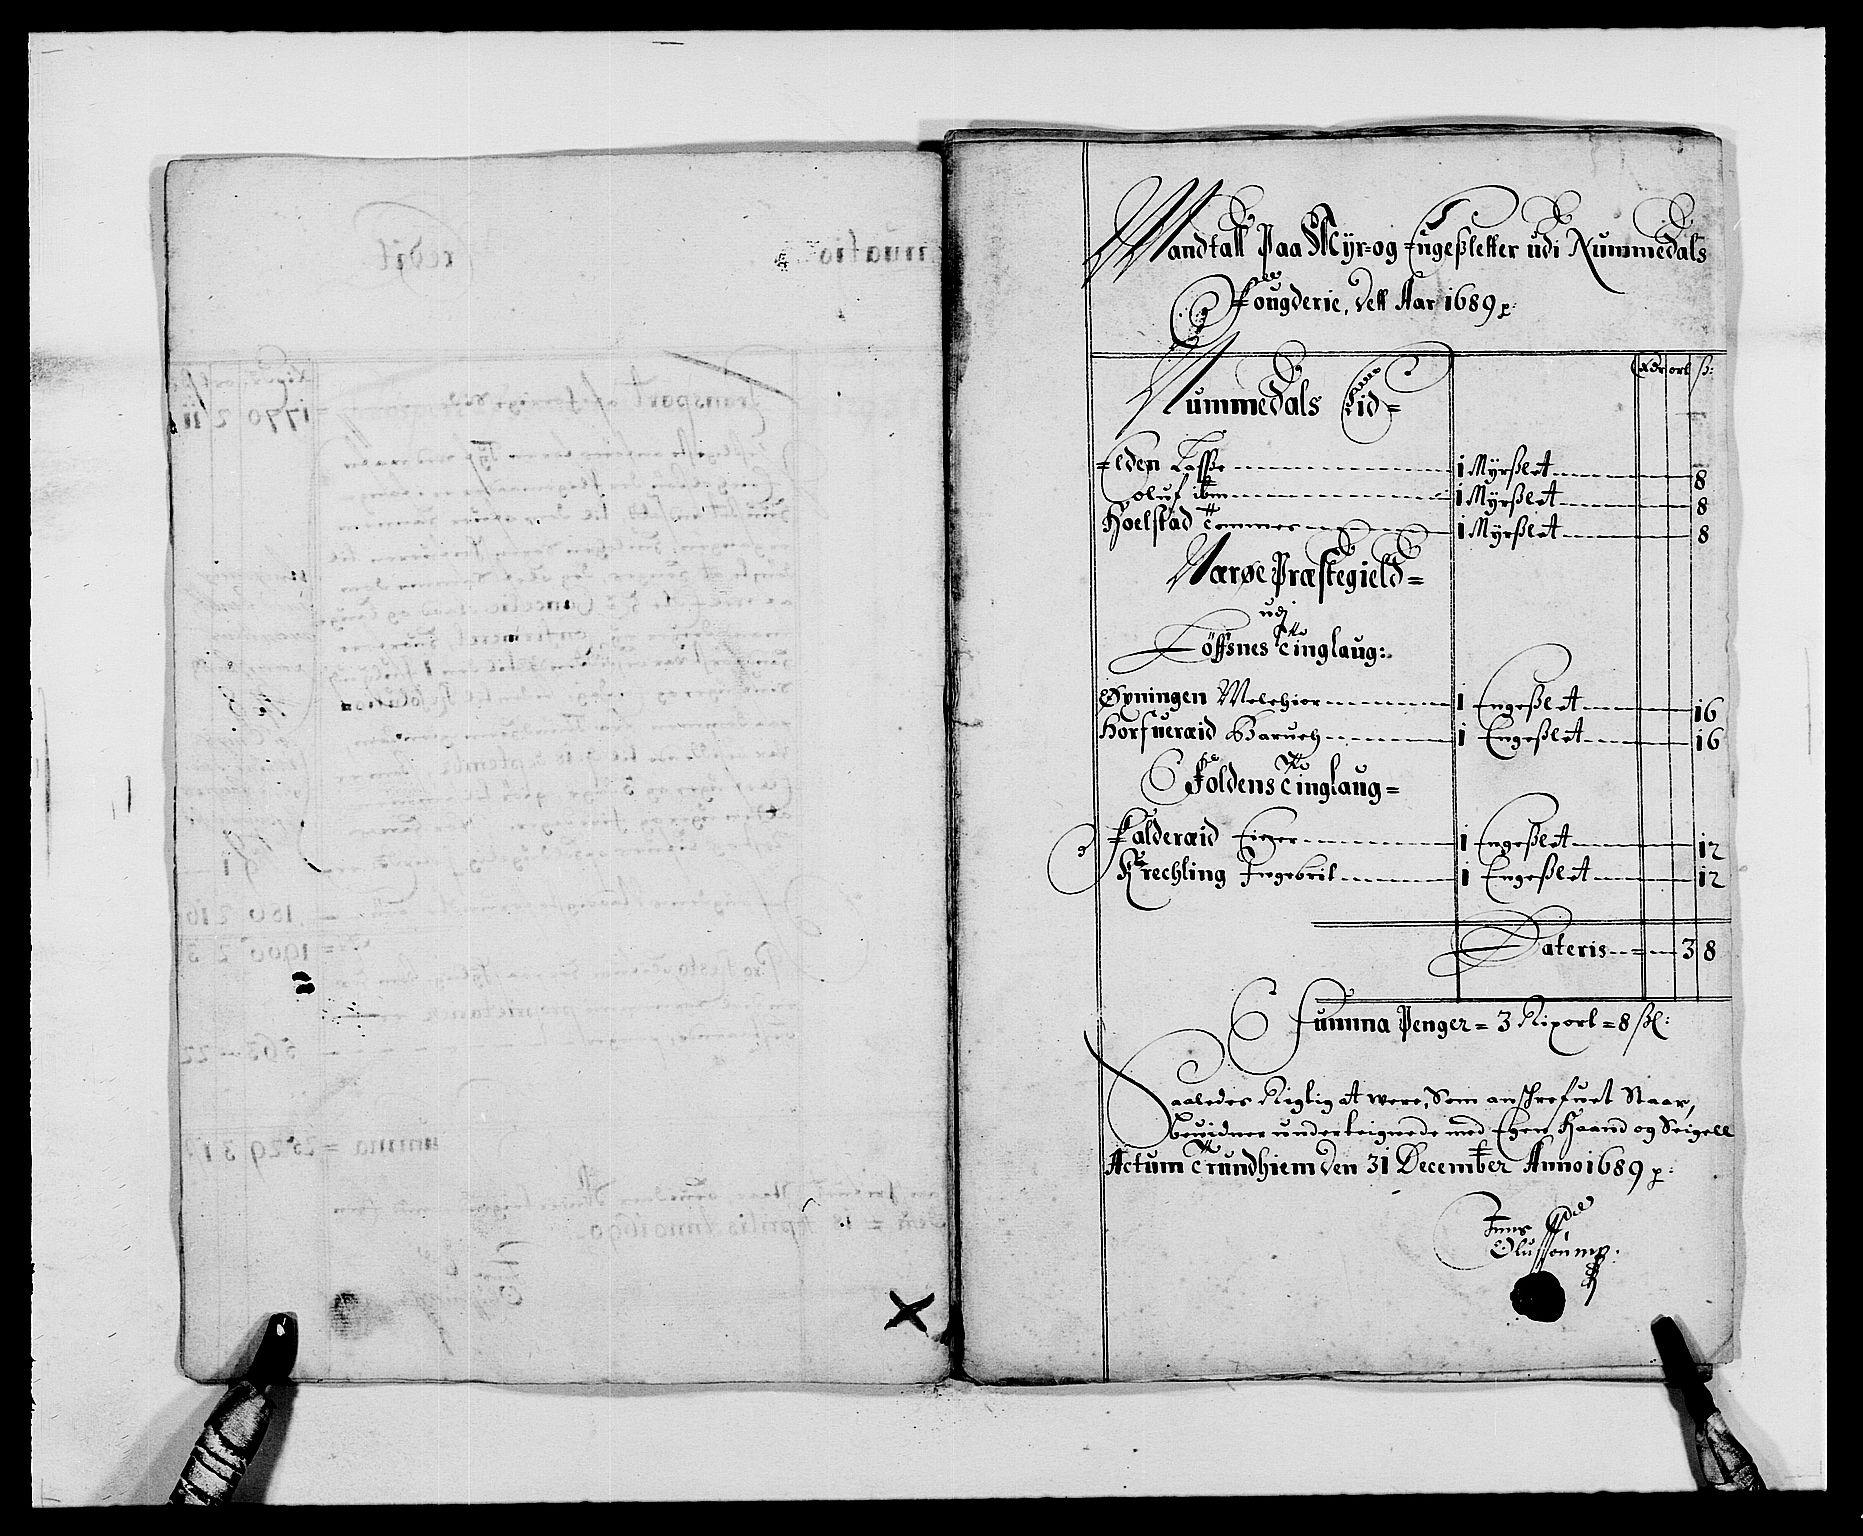 RA, Rentekammeret inntil 1814, Reviderte regnskaper, Fogderegnskap, R64/L4422: Fogderegnskap Namdal, 1687-1689, s. 207